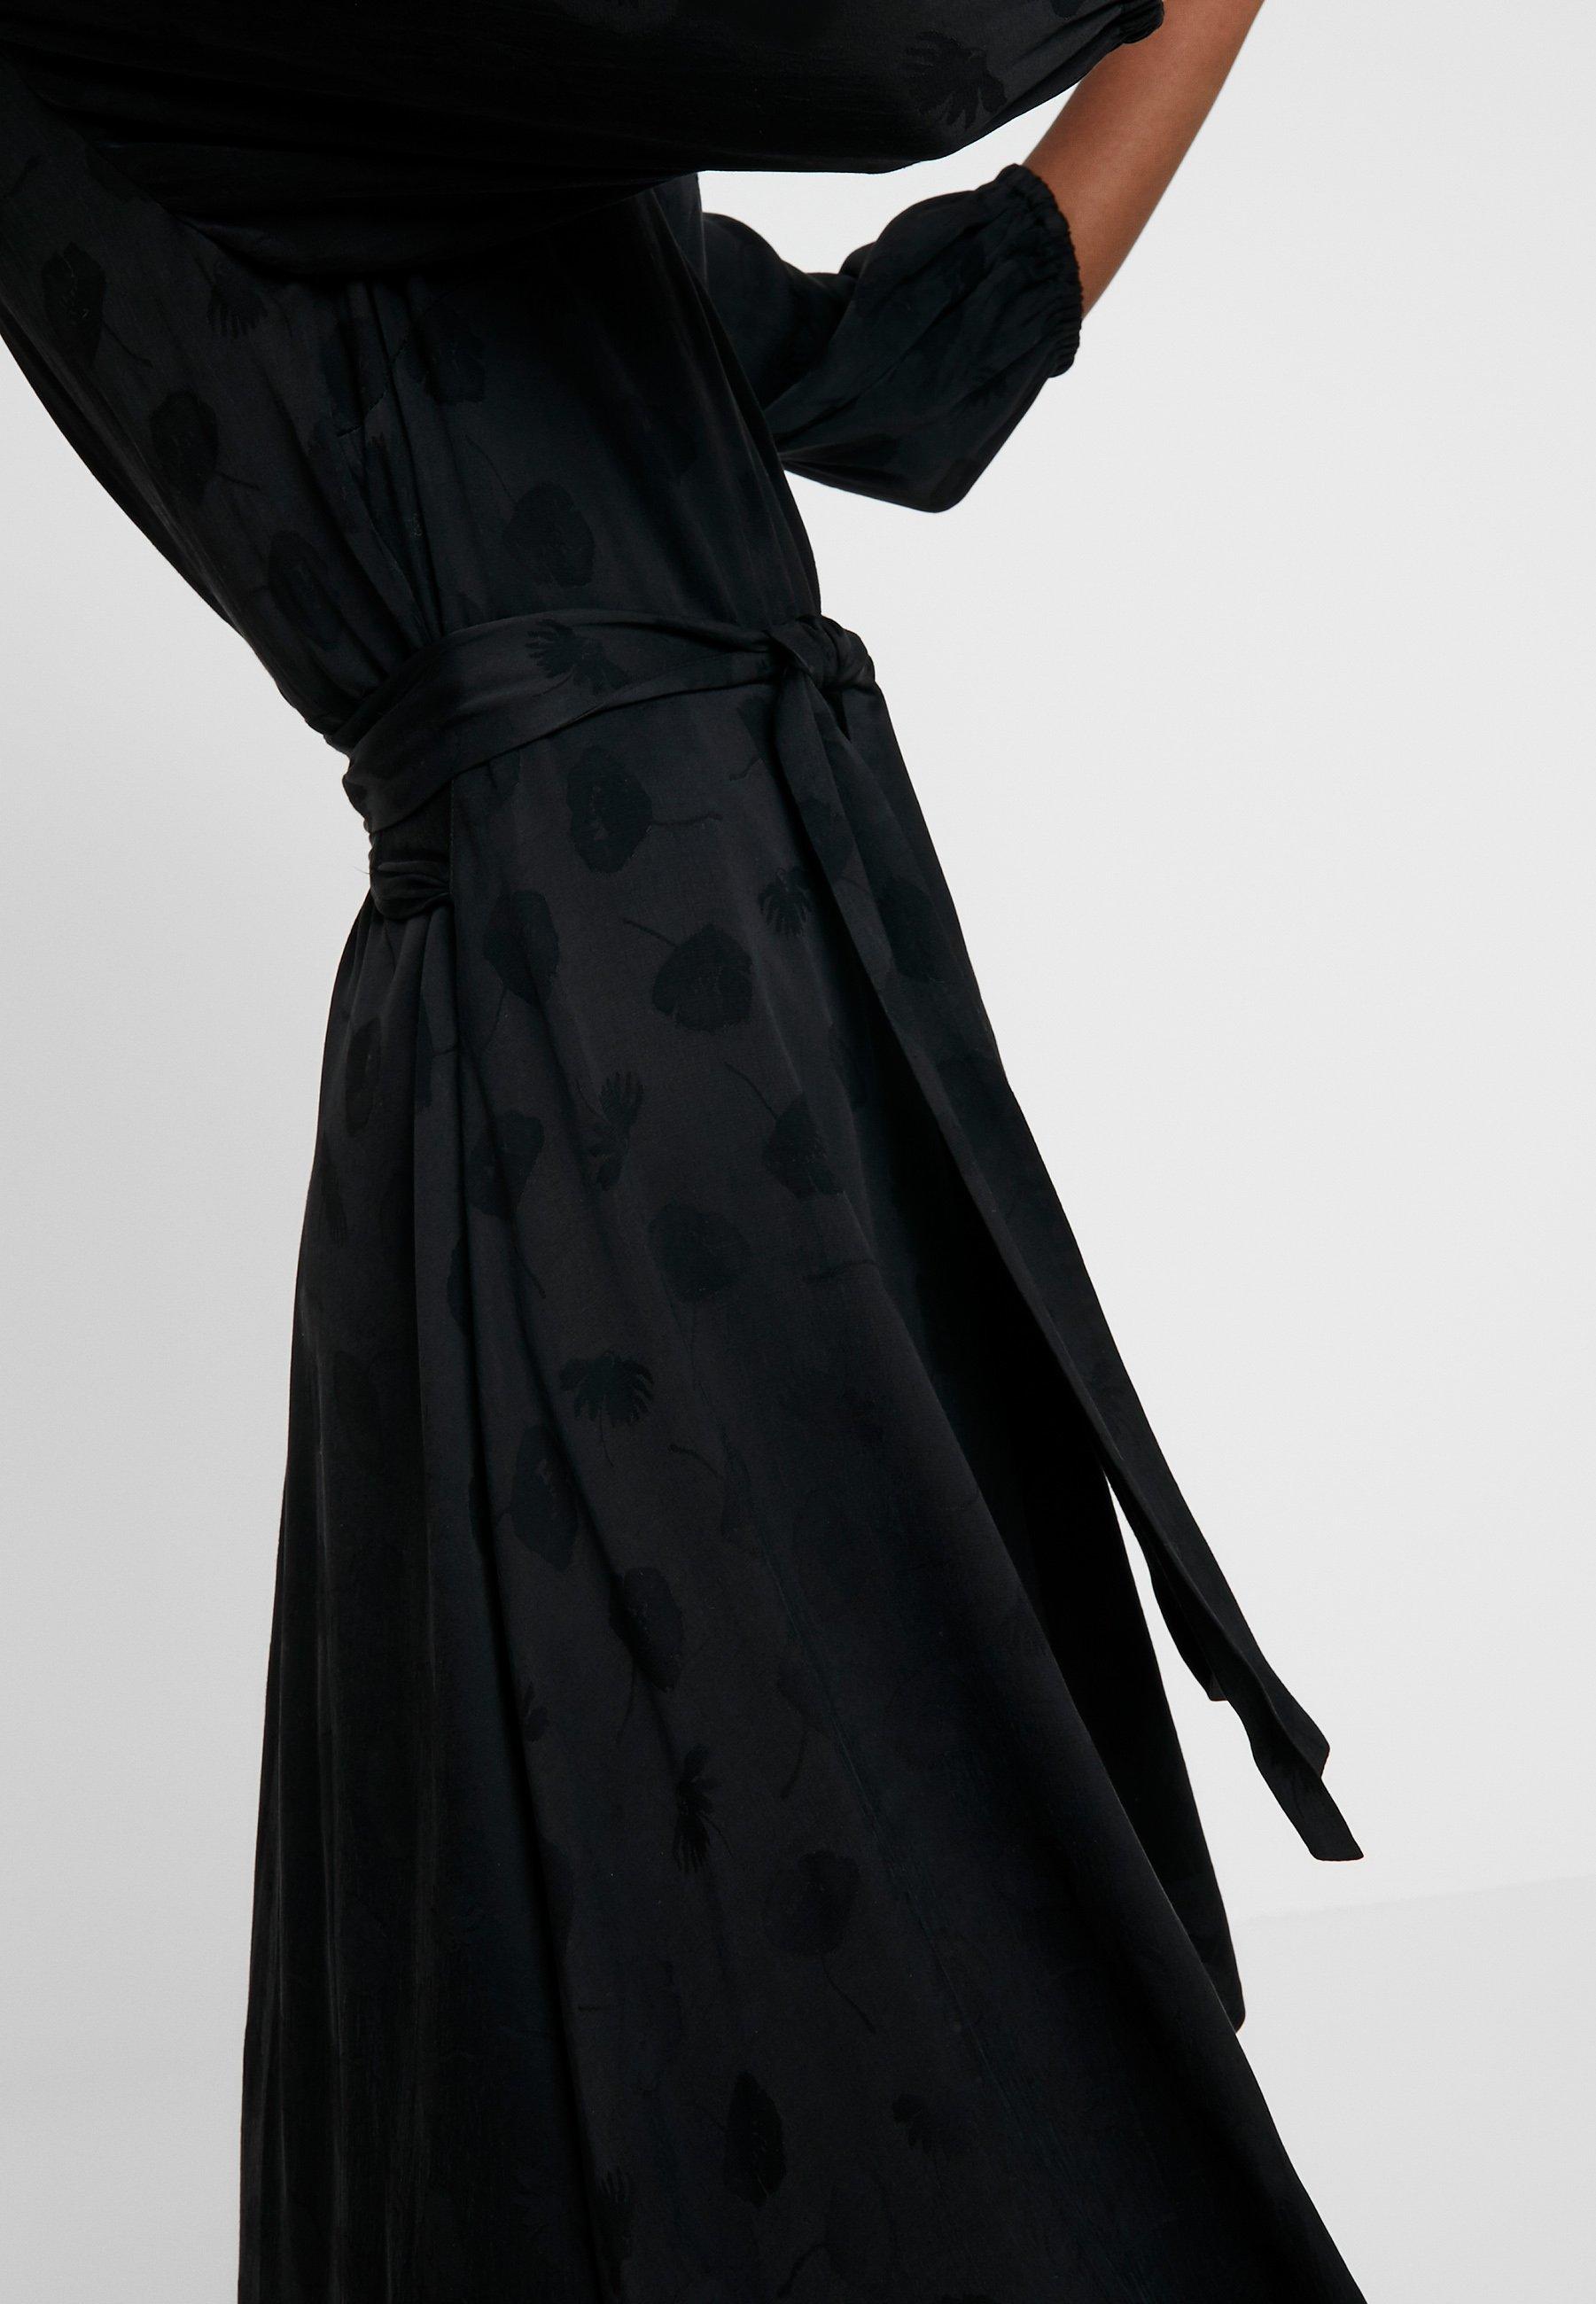 VENETA DRESS Korte jurk black